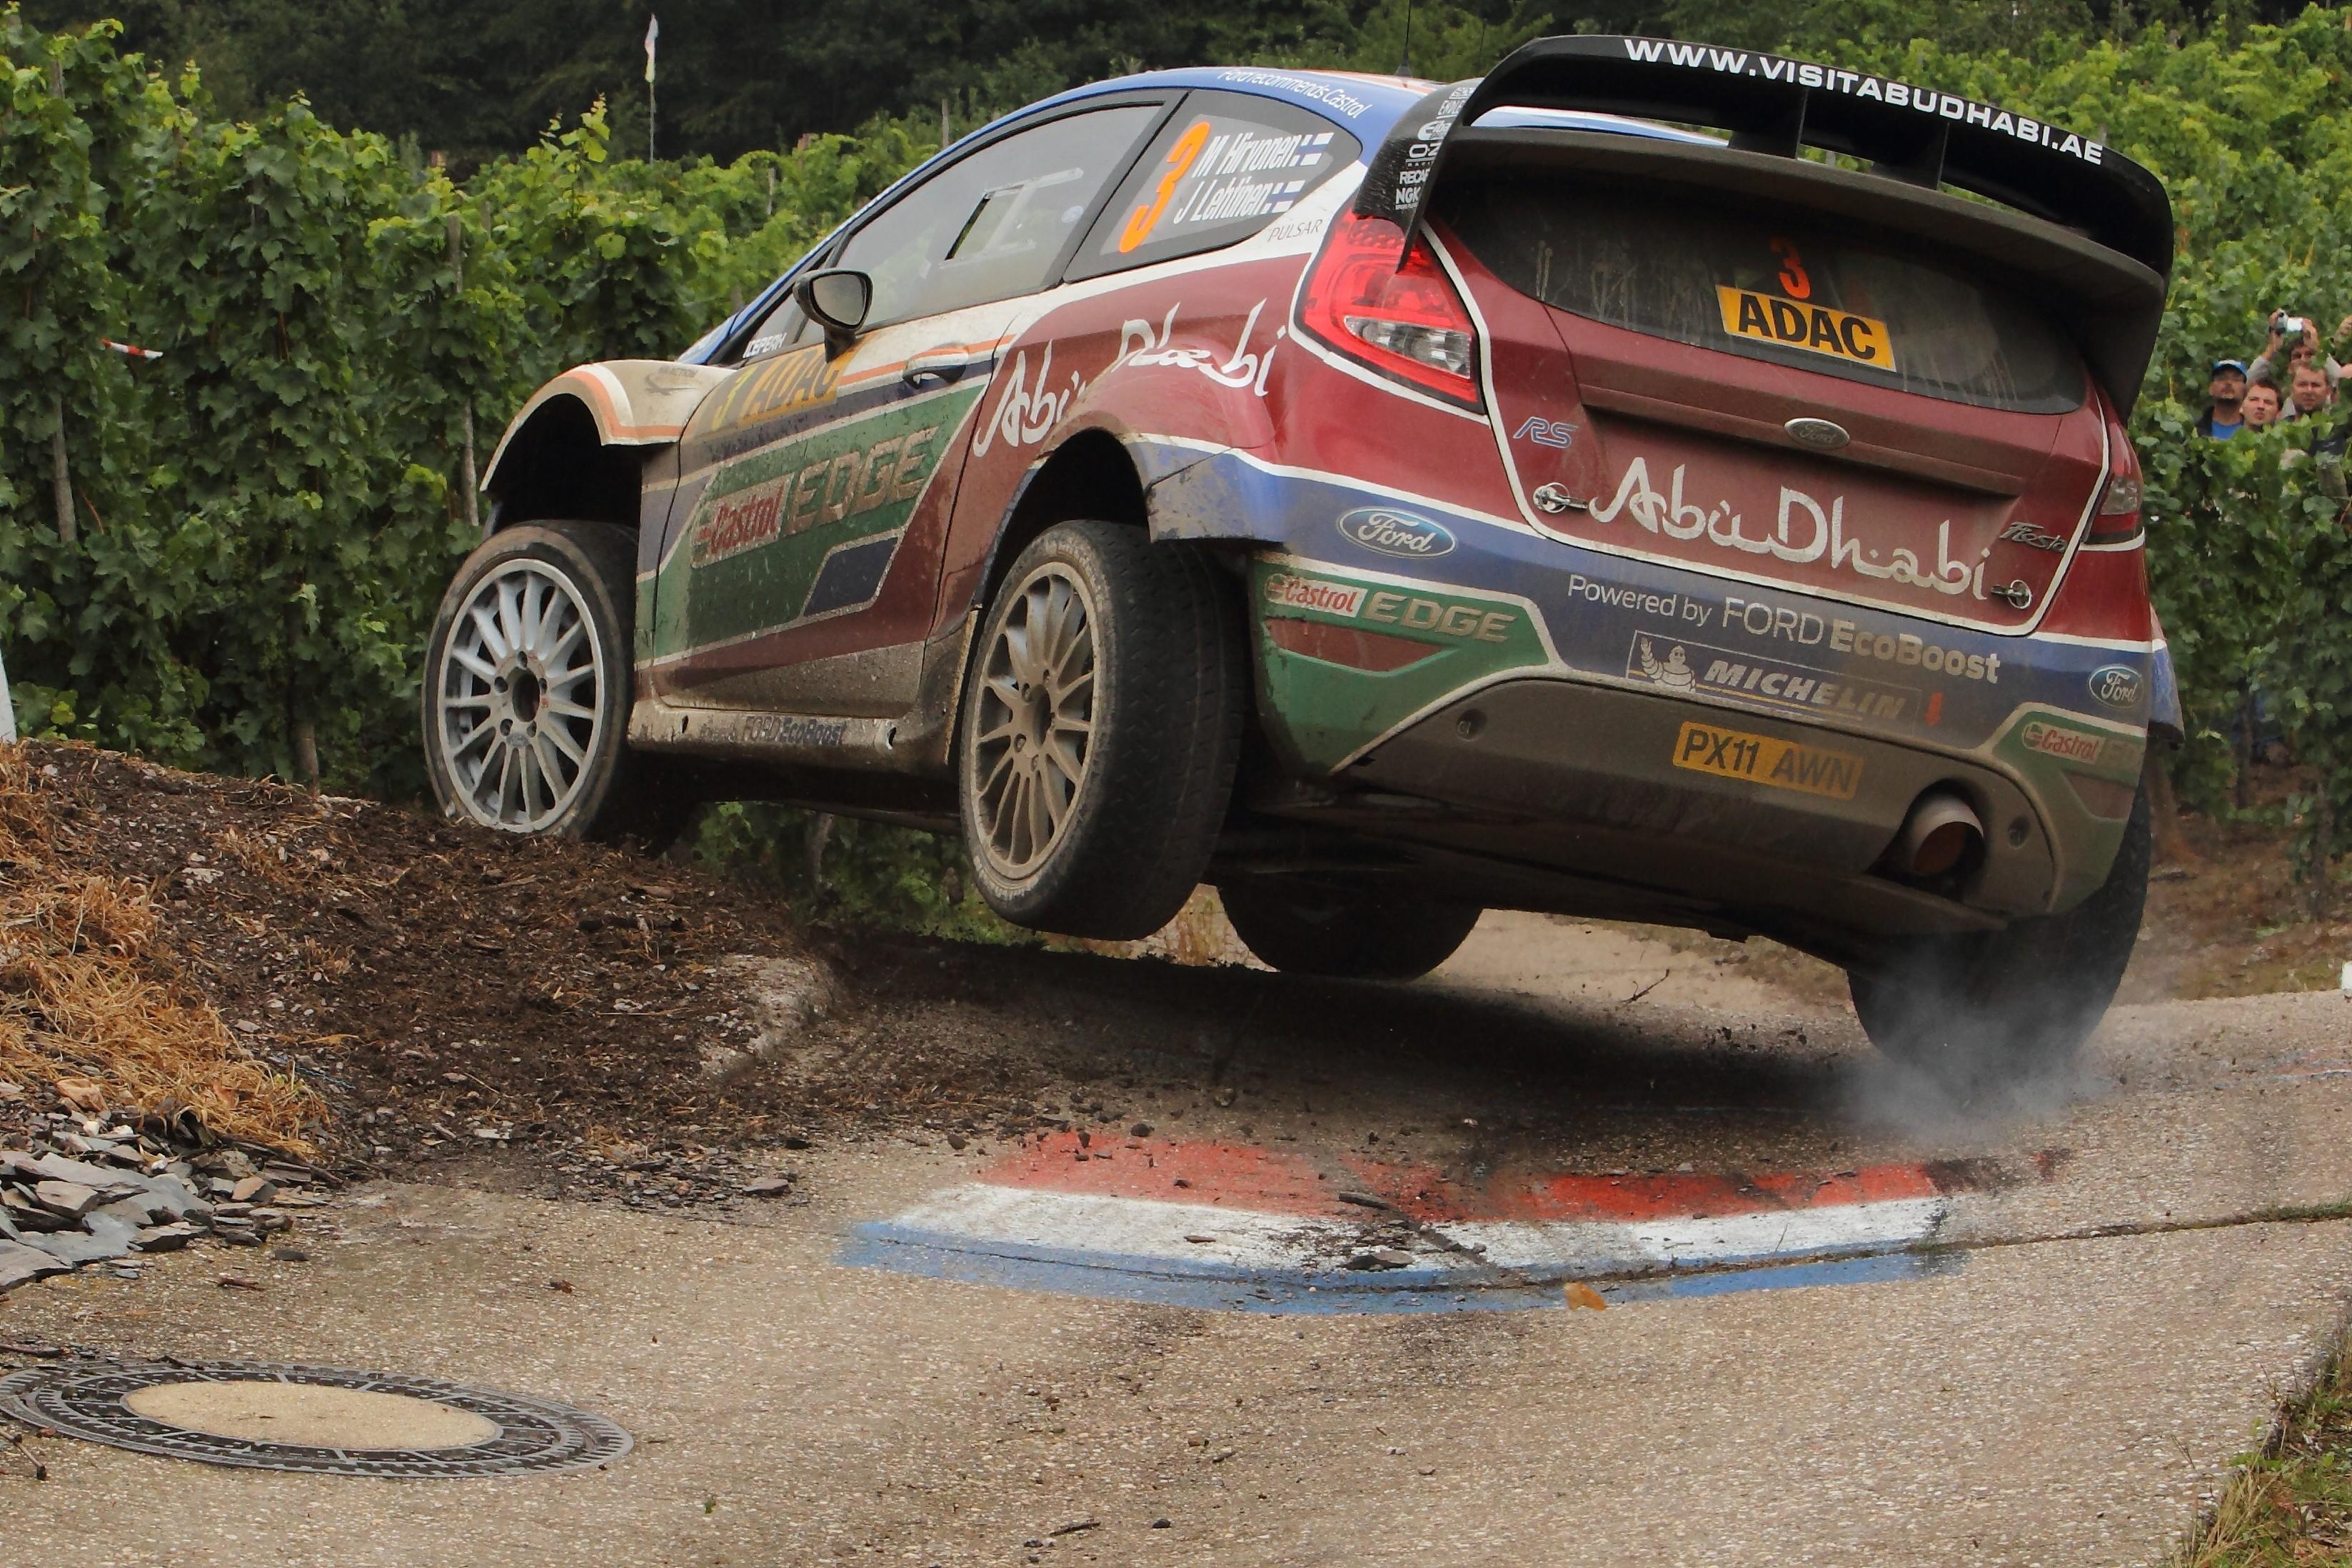 Rallye usa